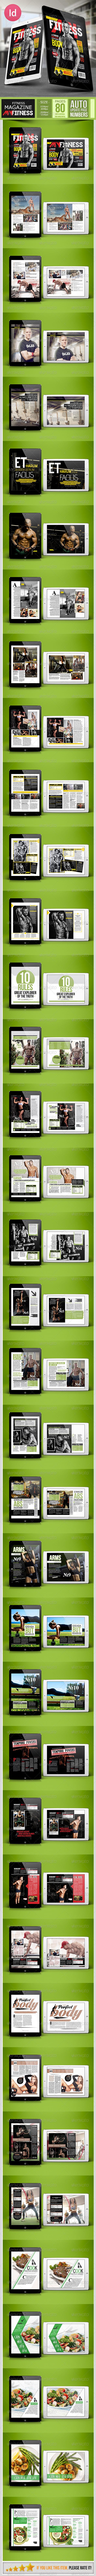 Fitness Tablet Magazine Issue 2 - Digital Magazines ePublishing